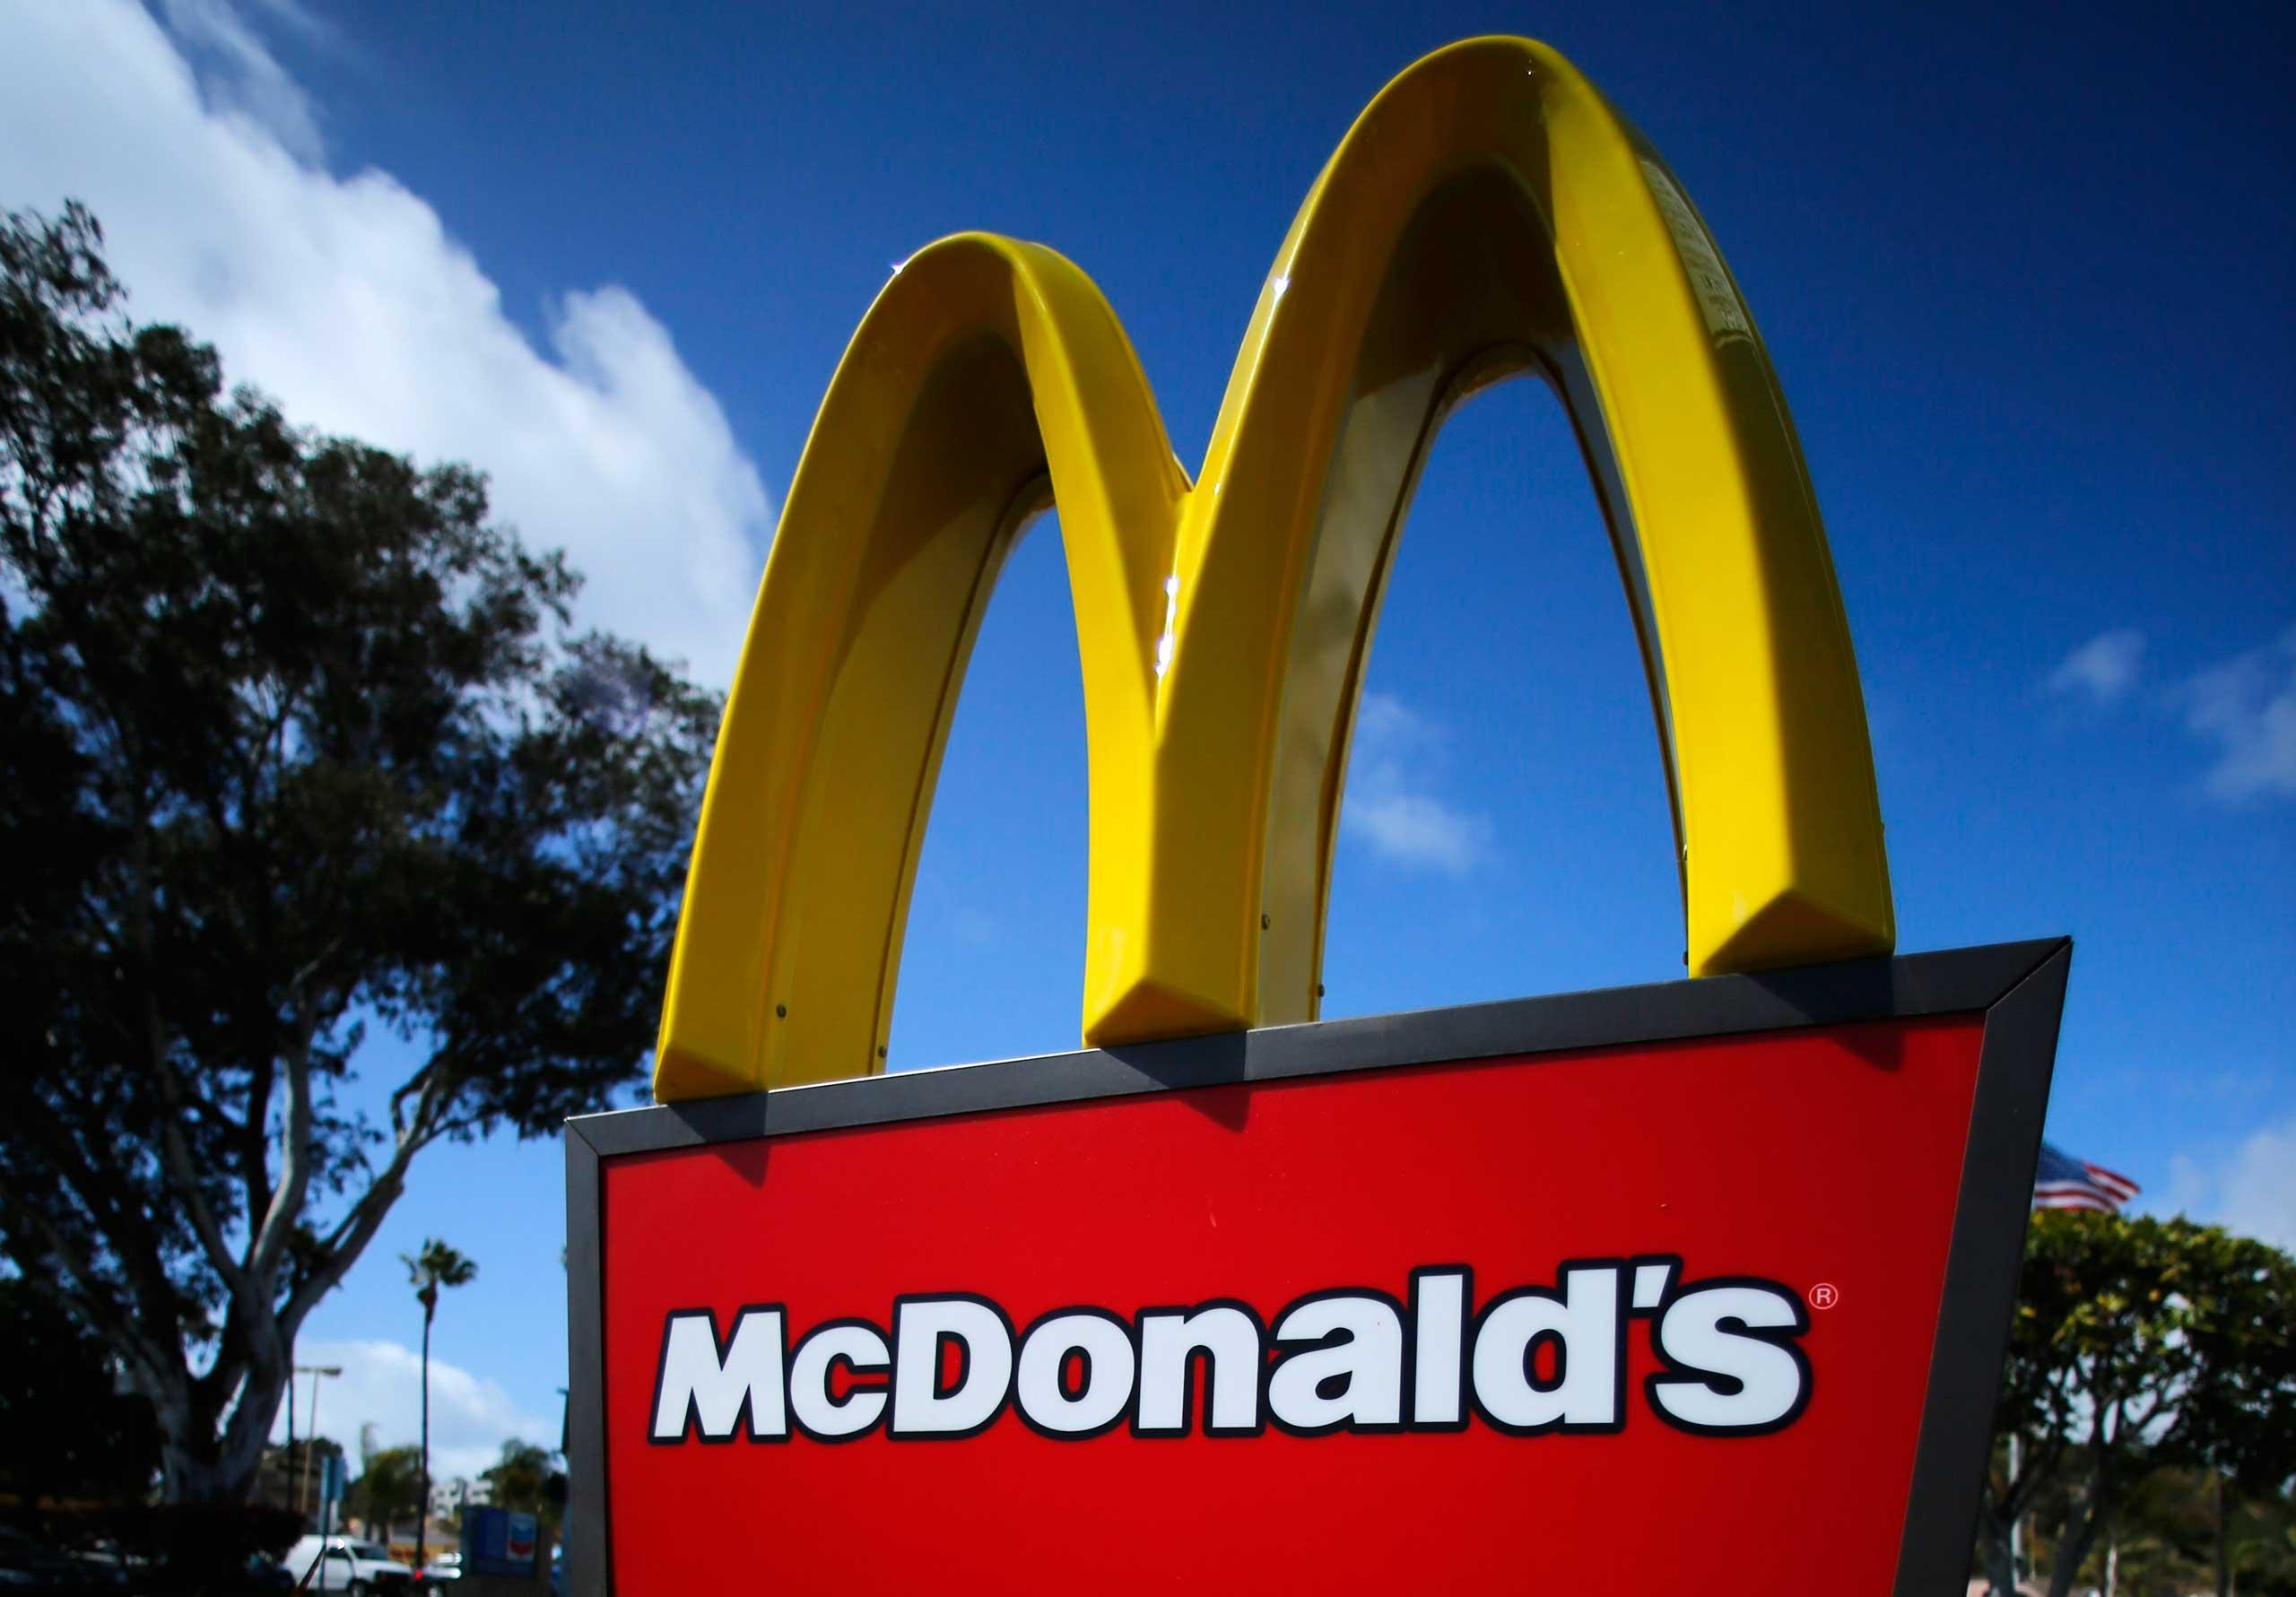 A McDonald's restaurant sign is seen at a McDonald's restaurant in Del Mar, Calif. on April 16, 2013.